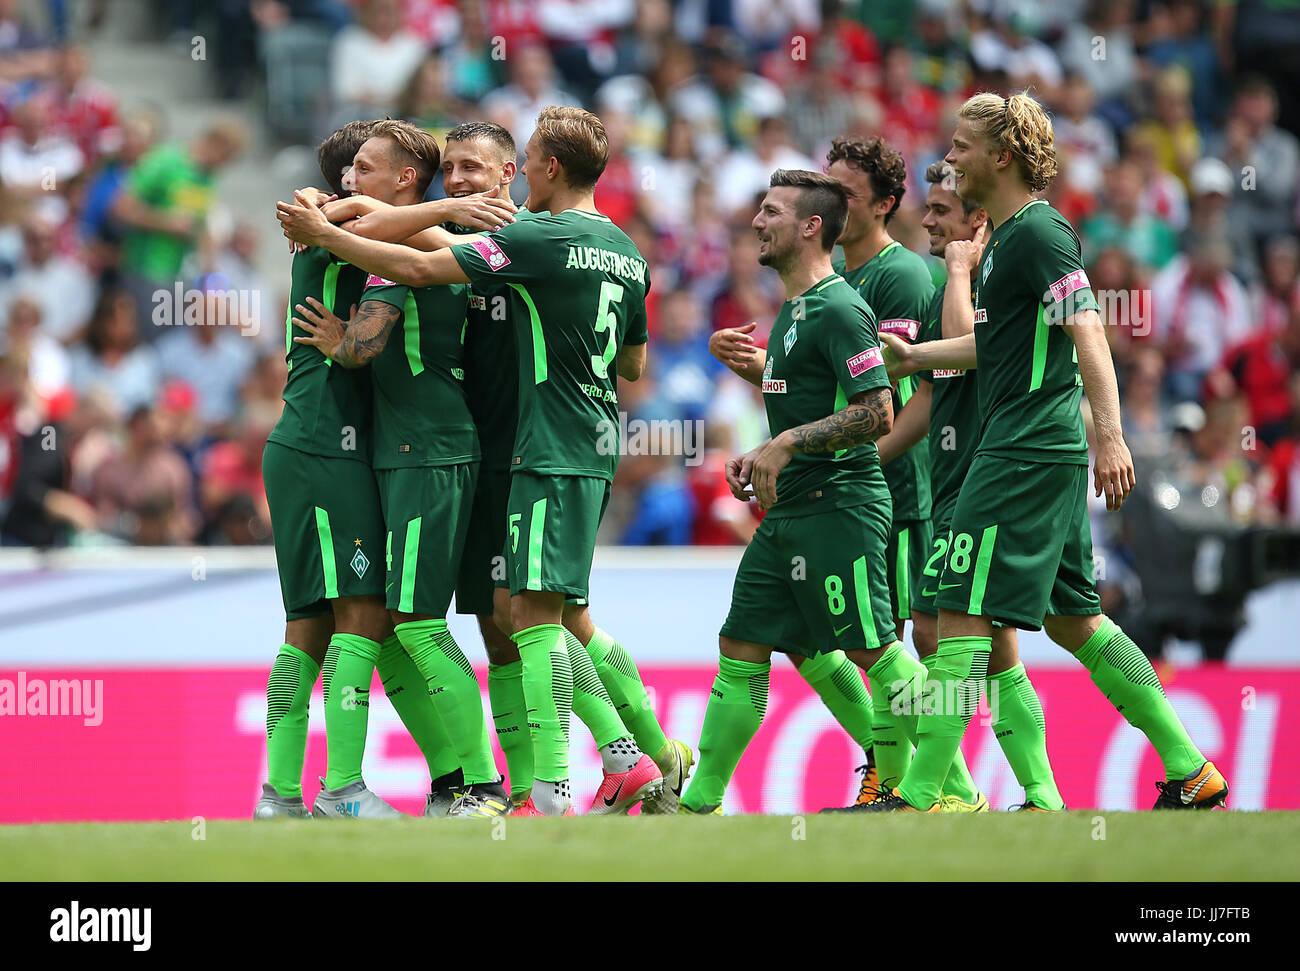 15.07.2017, 1.Fussball Bundesliga 2017/2018 , Telekom-Cup 2017 im Borussiapark Mönchengladbach, Borussia Mönchengladbach - Stock Image